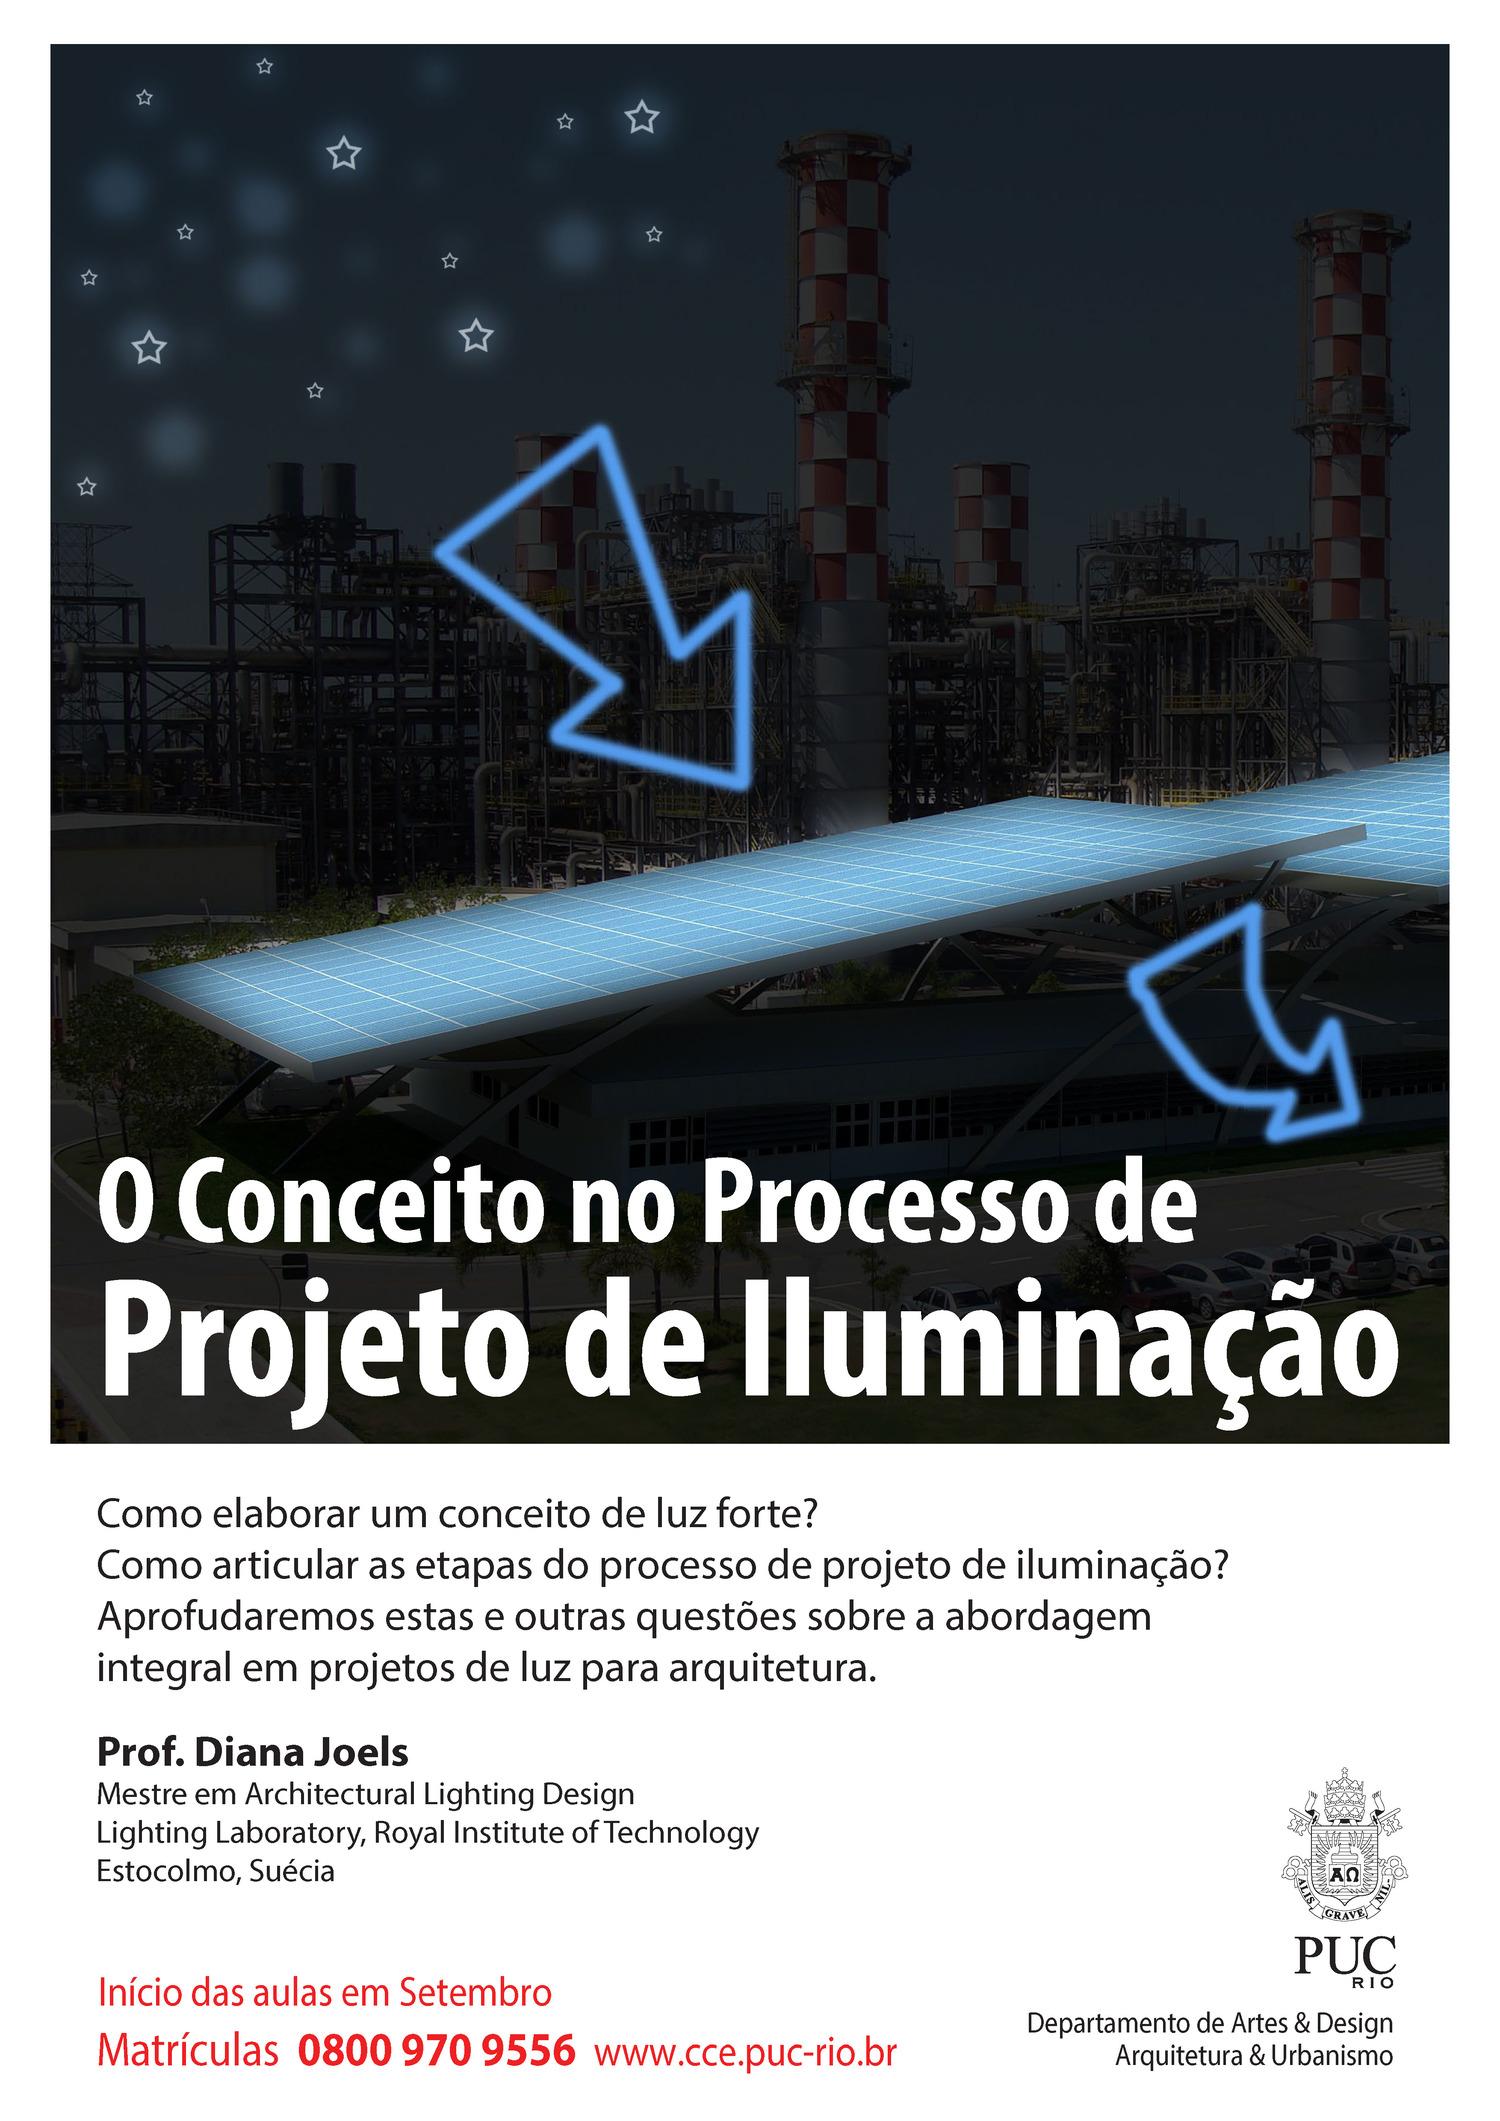 PUC+Conceito.jpg